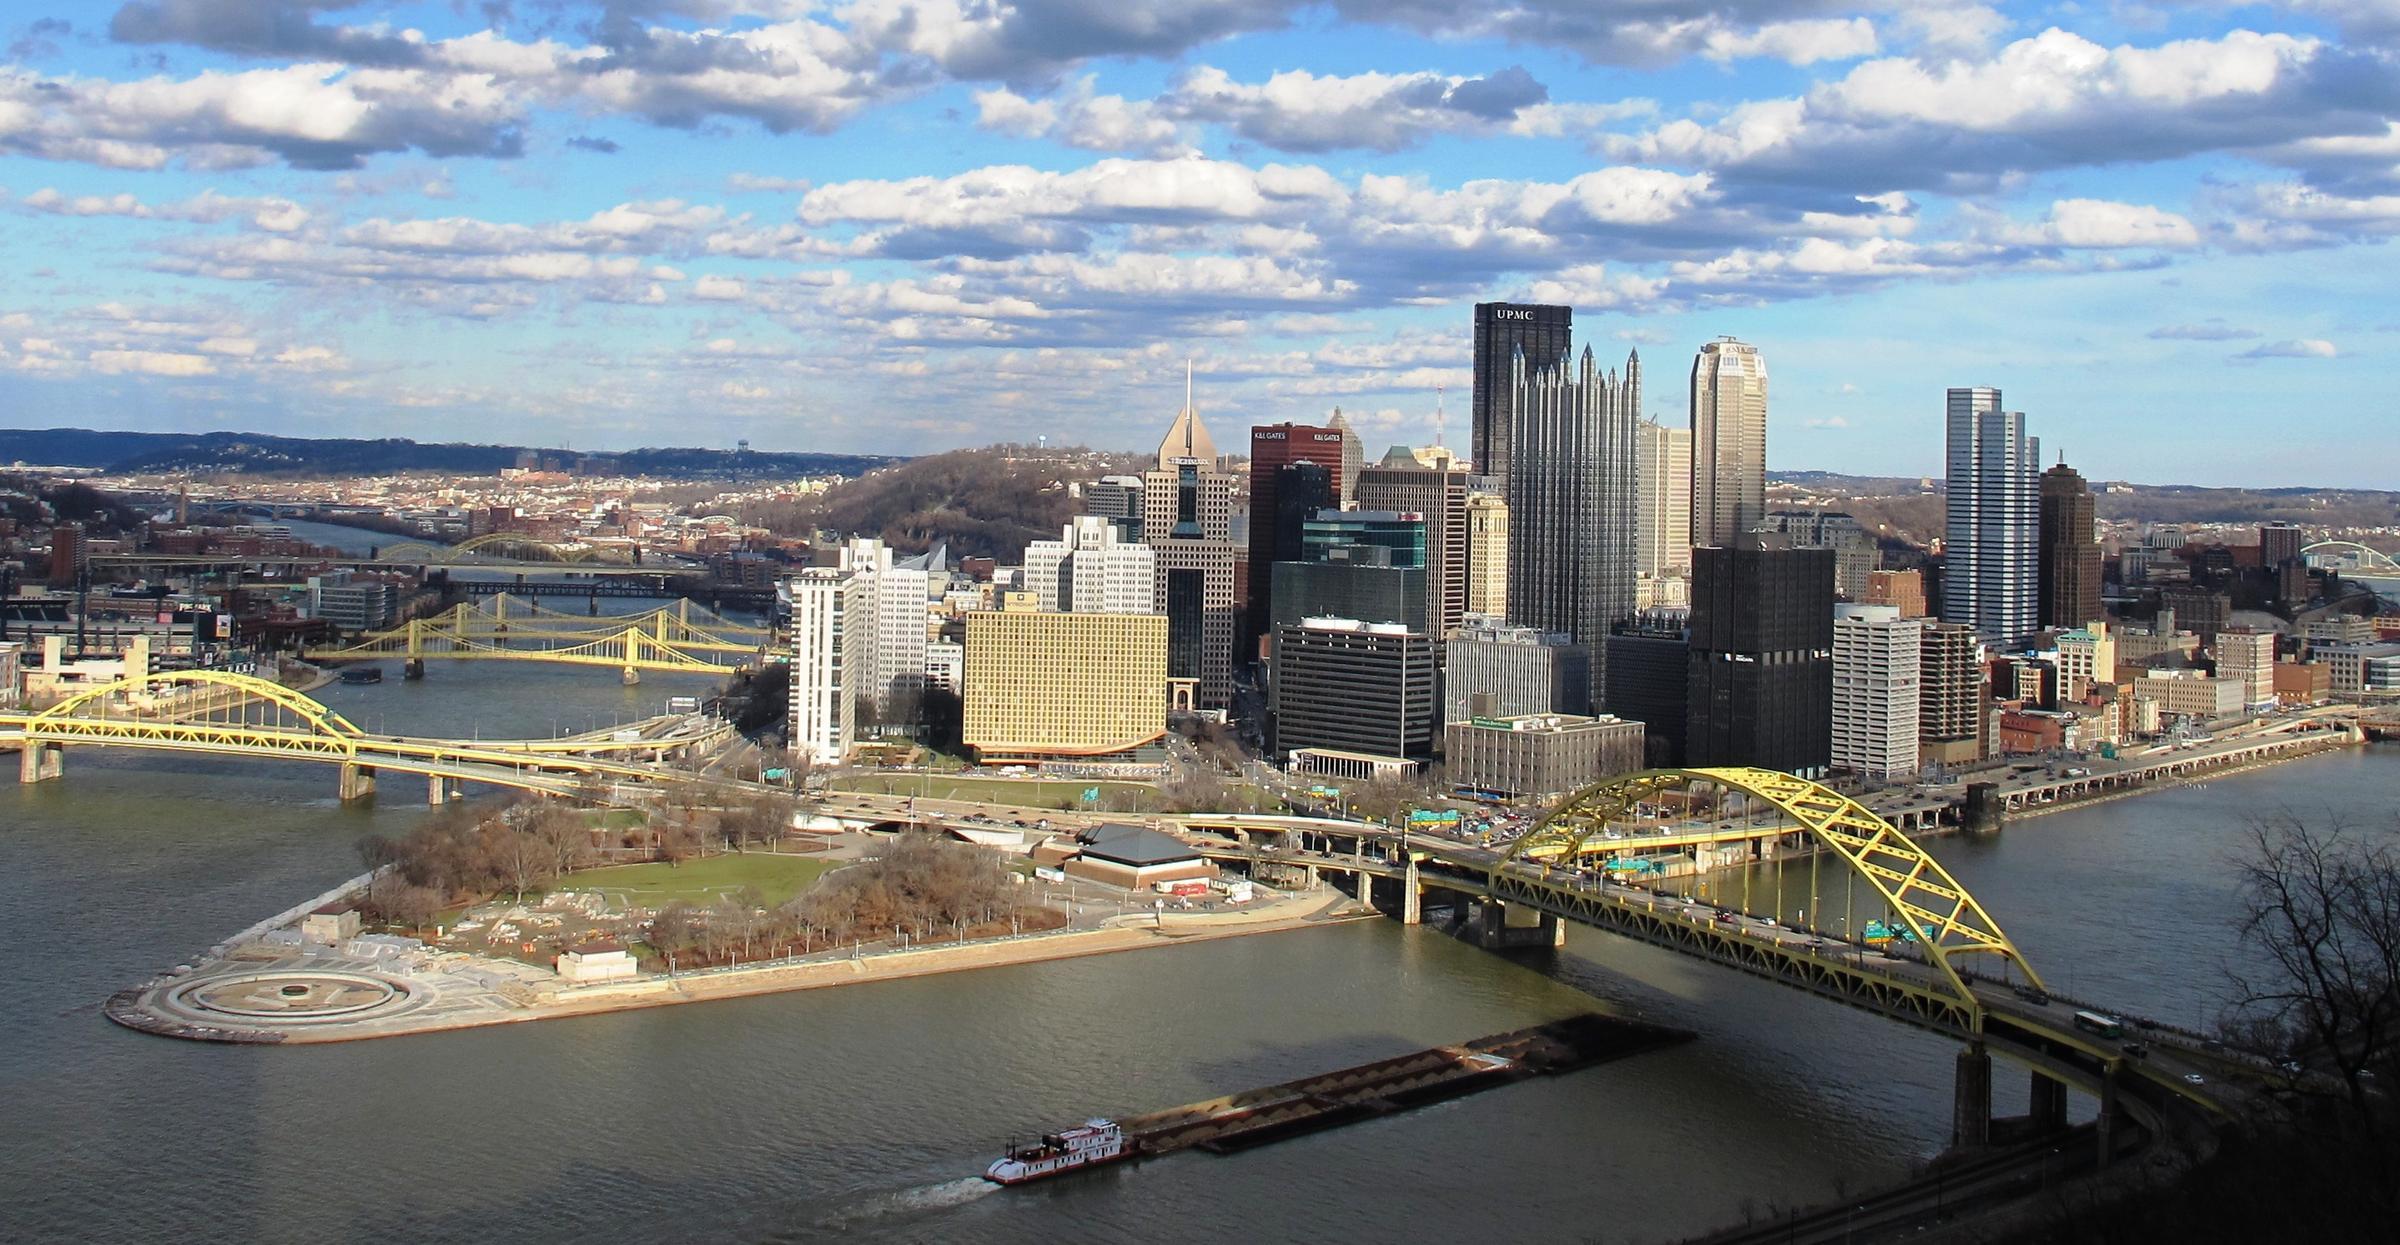 2011 Pittsburgh Steelers season